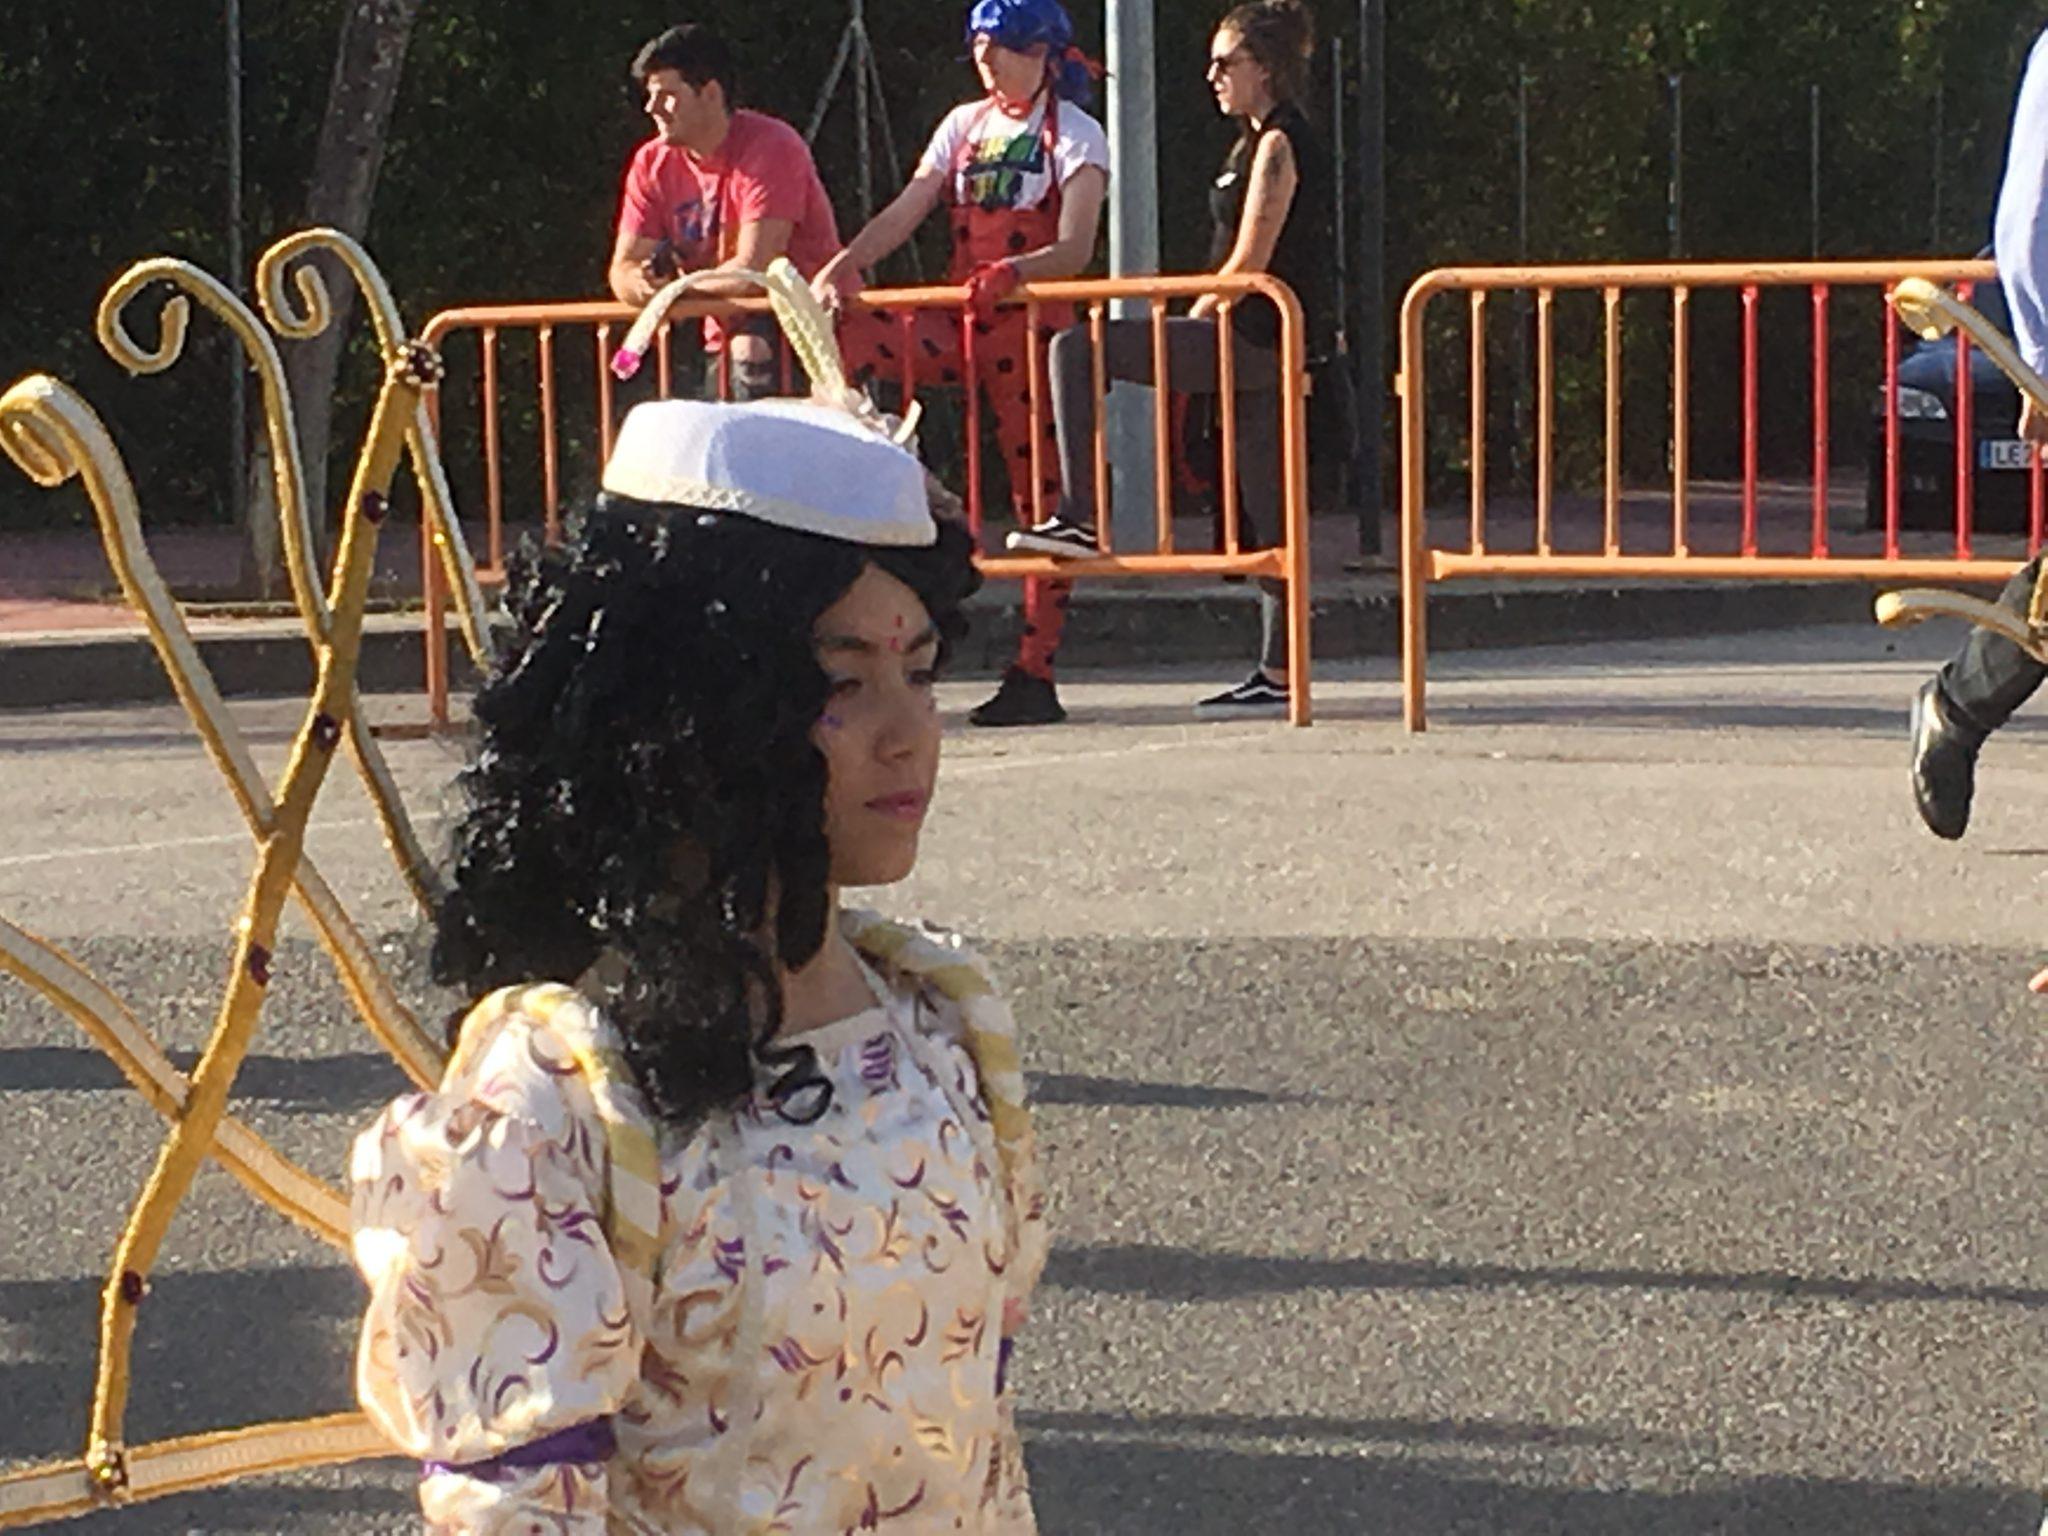 Desfile de Carnaval Cubillos del Sil 2019 - Álbum de fotos 35